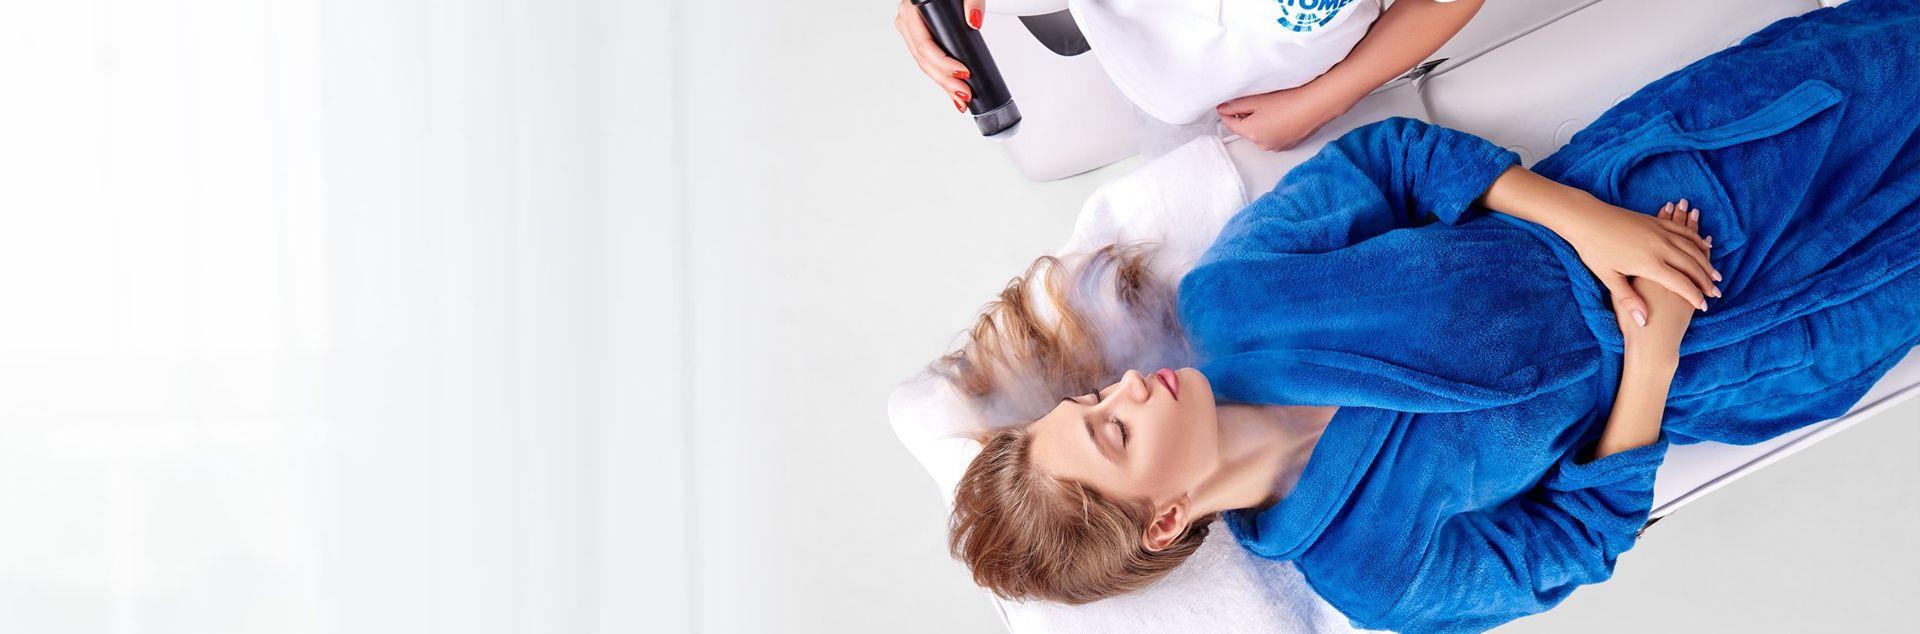 Crioterapia este indicata pentru centrele de infrumusetare